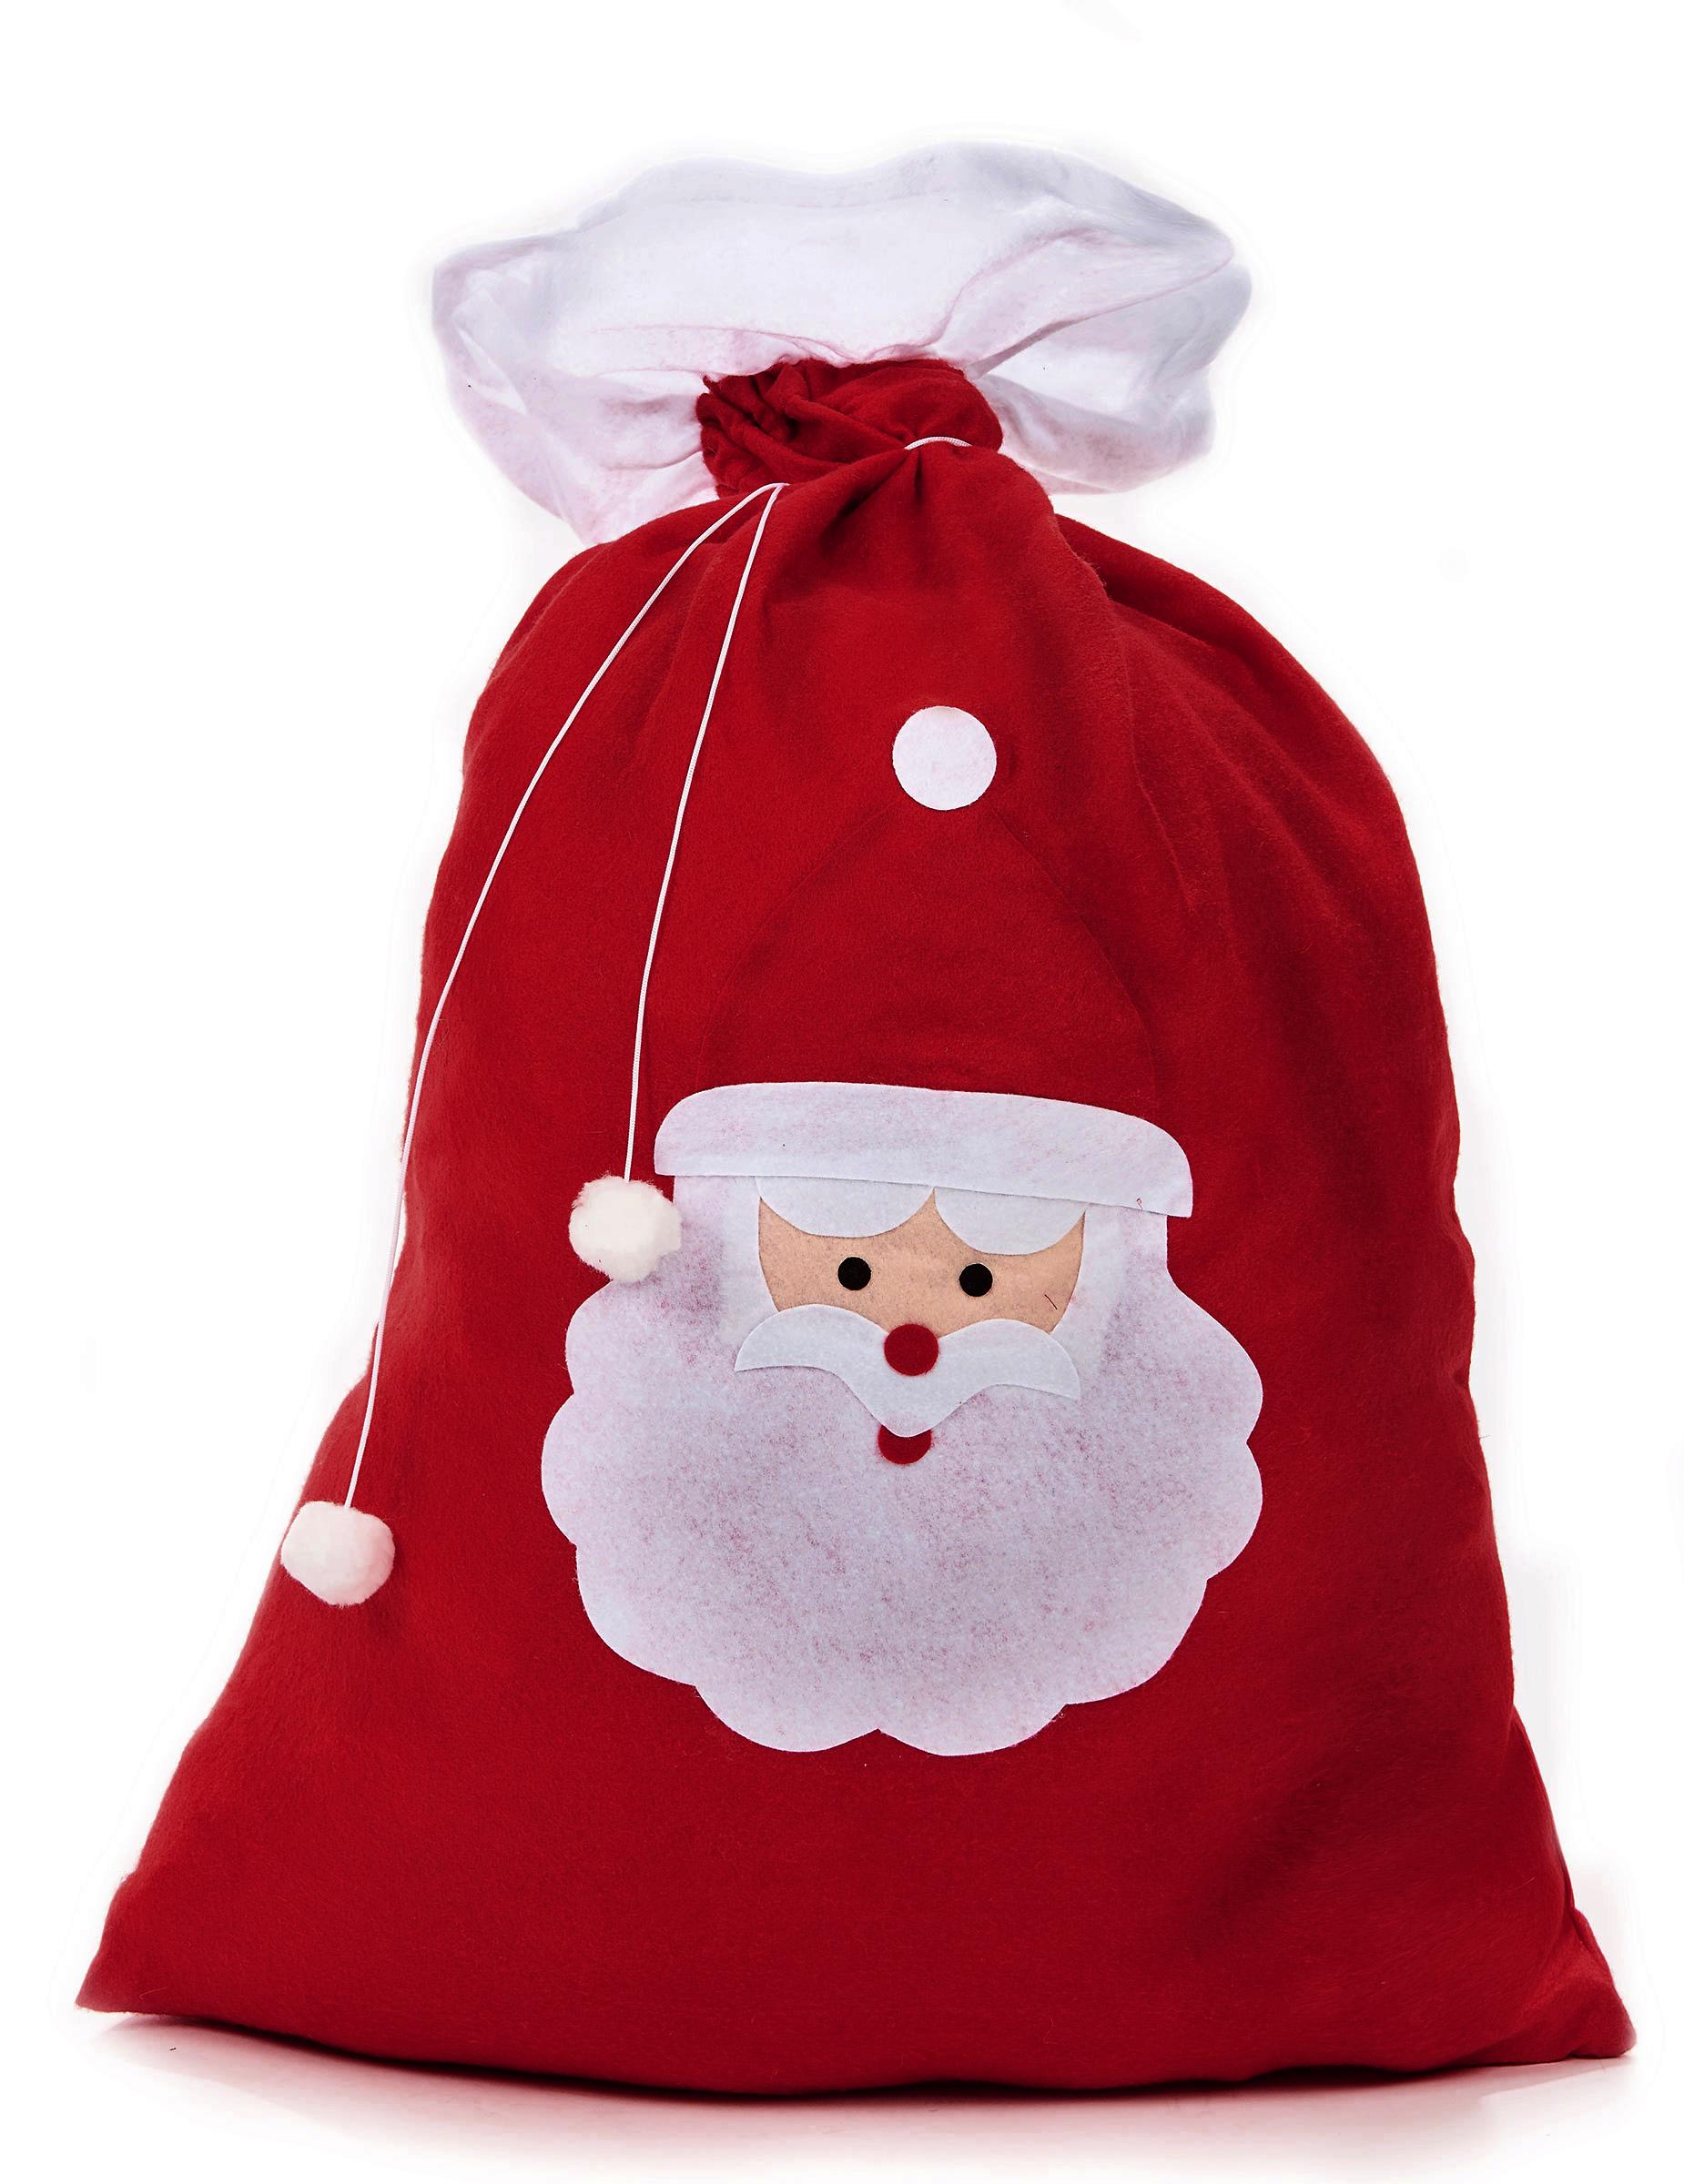 Regali Di Babbo Natale.Sacco Rosso Porta Regali Di Babbo Natale Su Vegaooparty Negozio Di Articoli Per Feste